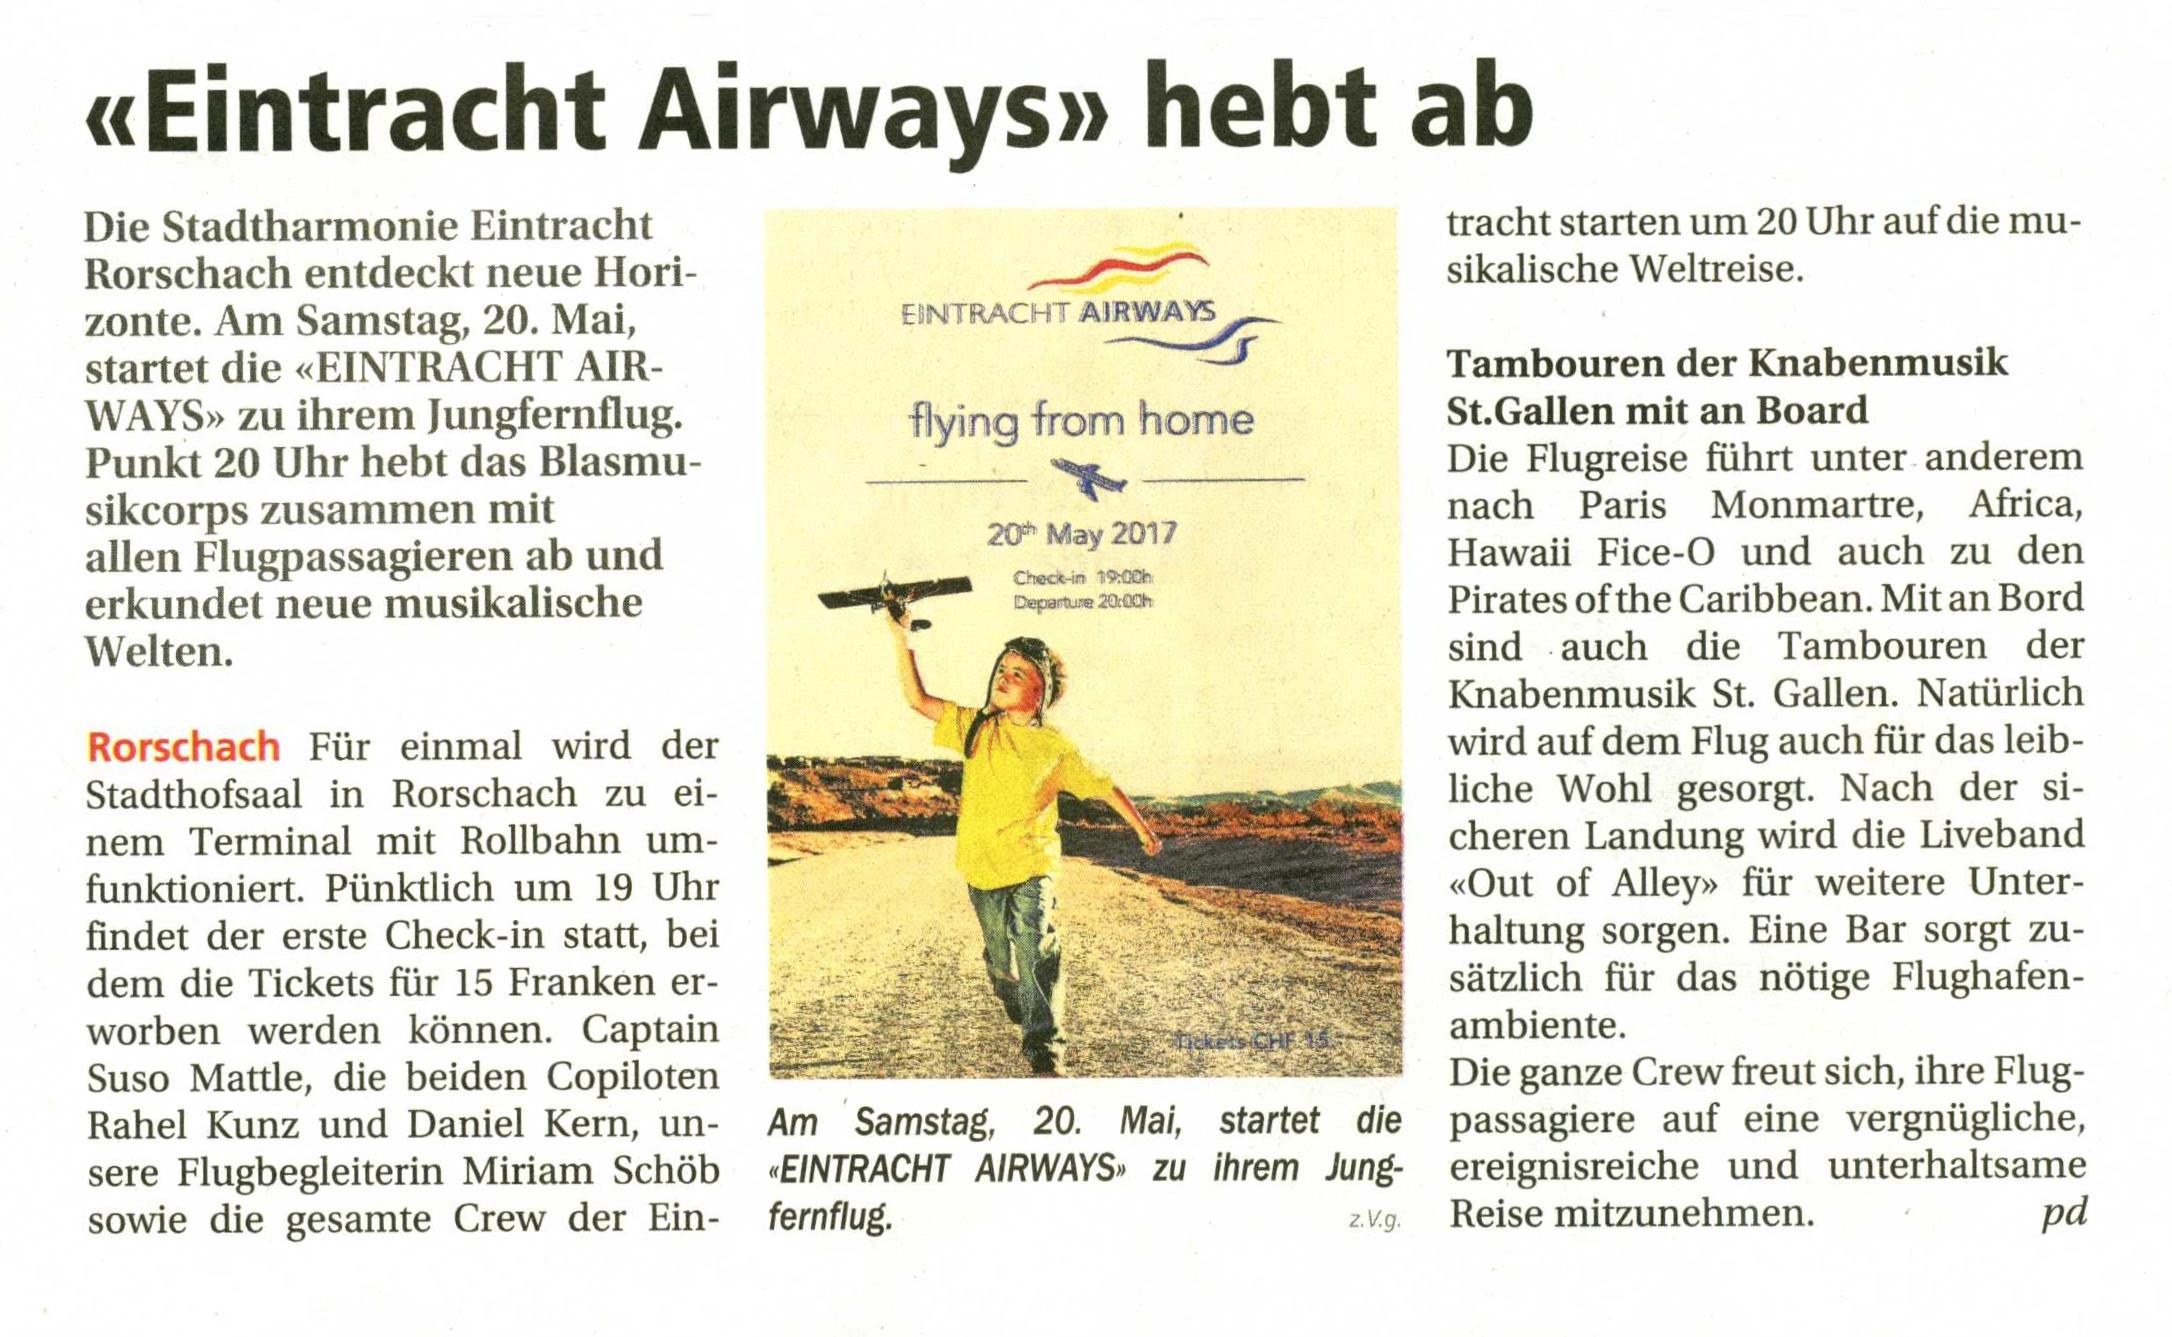 Eintracht Airways hebt ab - Vorschau auf das Fr�hlingskonzert der Stadtharmonie Eintracht